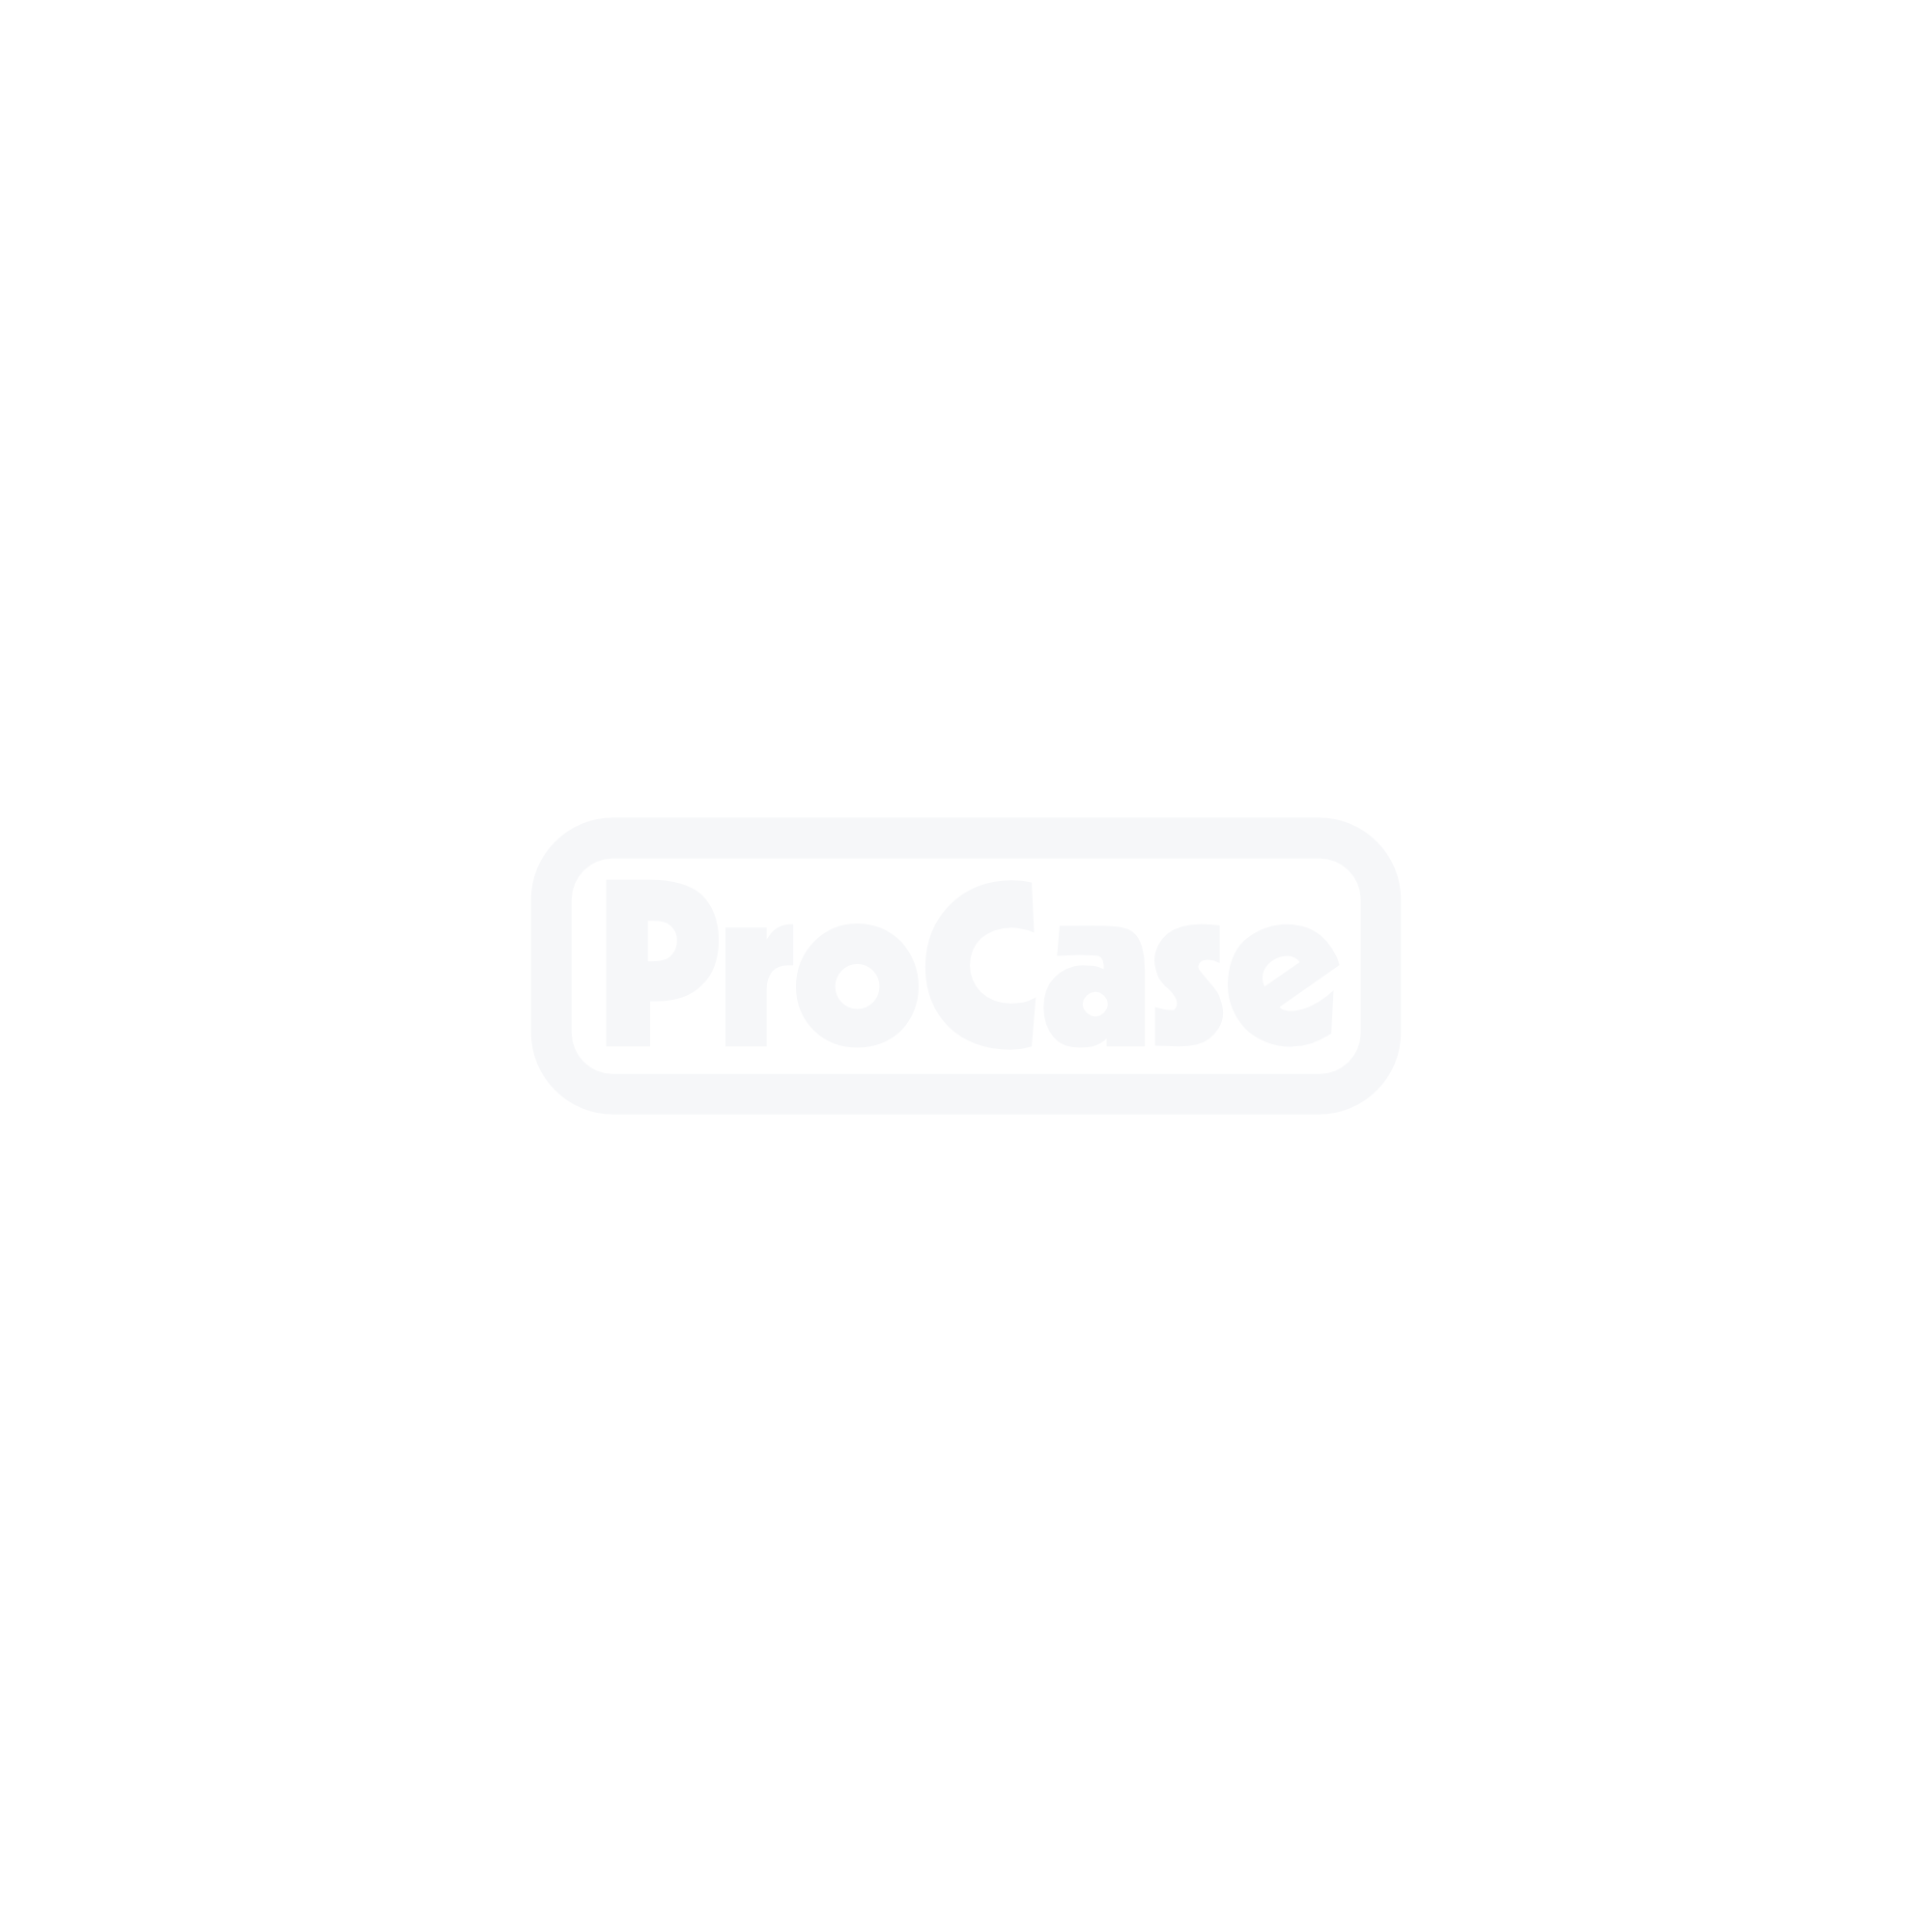 Mixercase für Allen&Heath dLive S7000 mit 2HE Unterbau 2